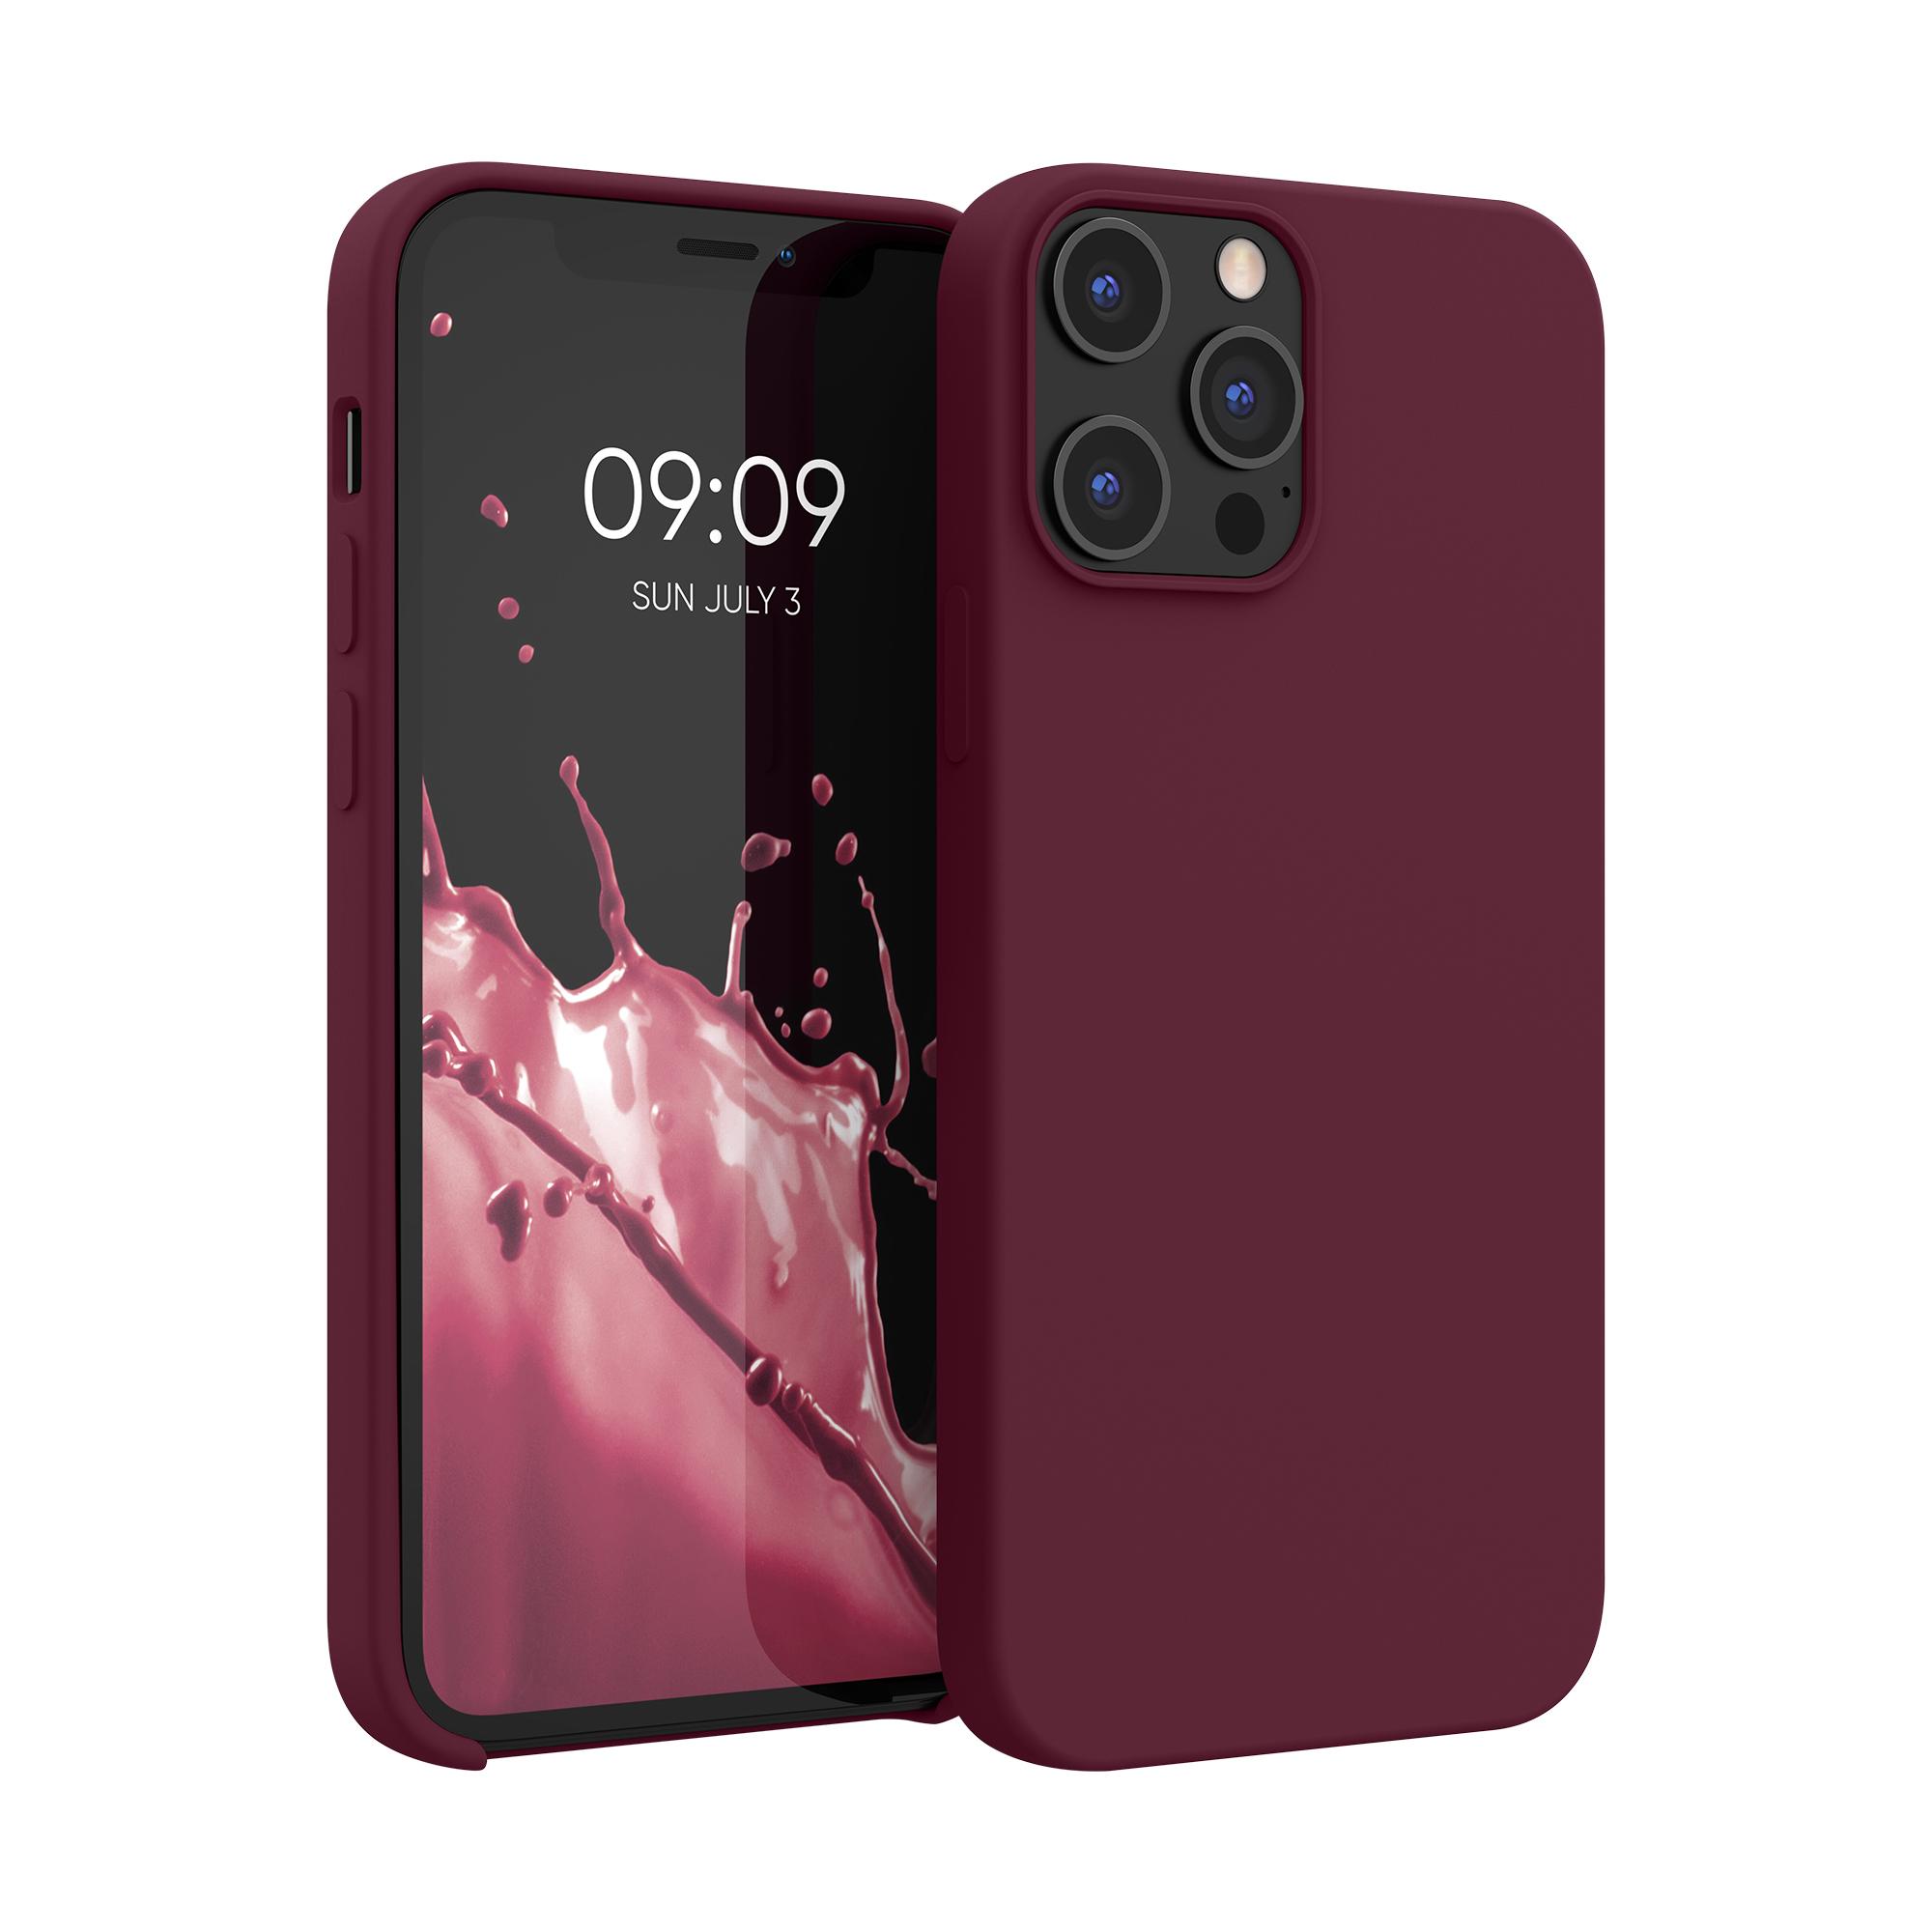 Kvalitní silikonové TPU pouzdro pro Apple iPhone 12 Pro Max - Tawny Red